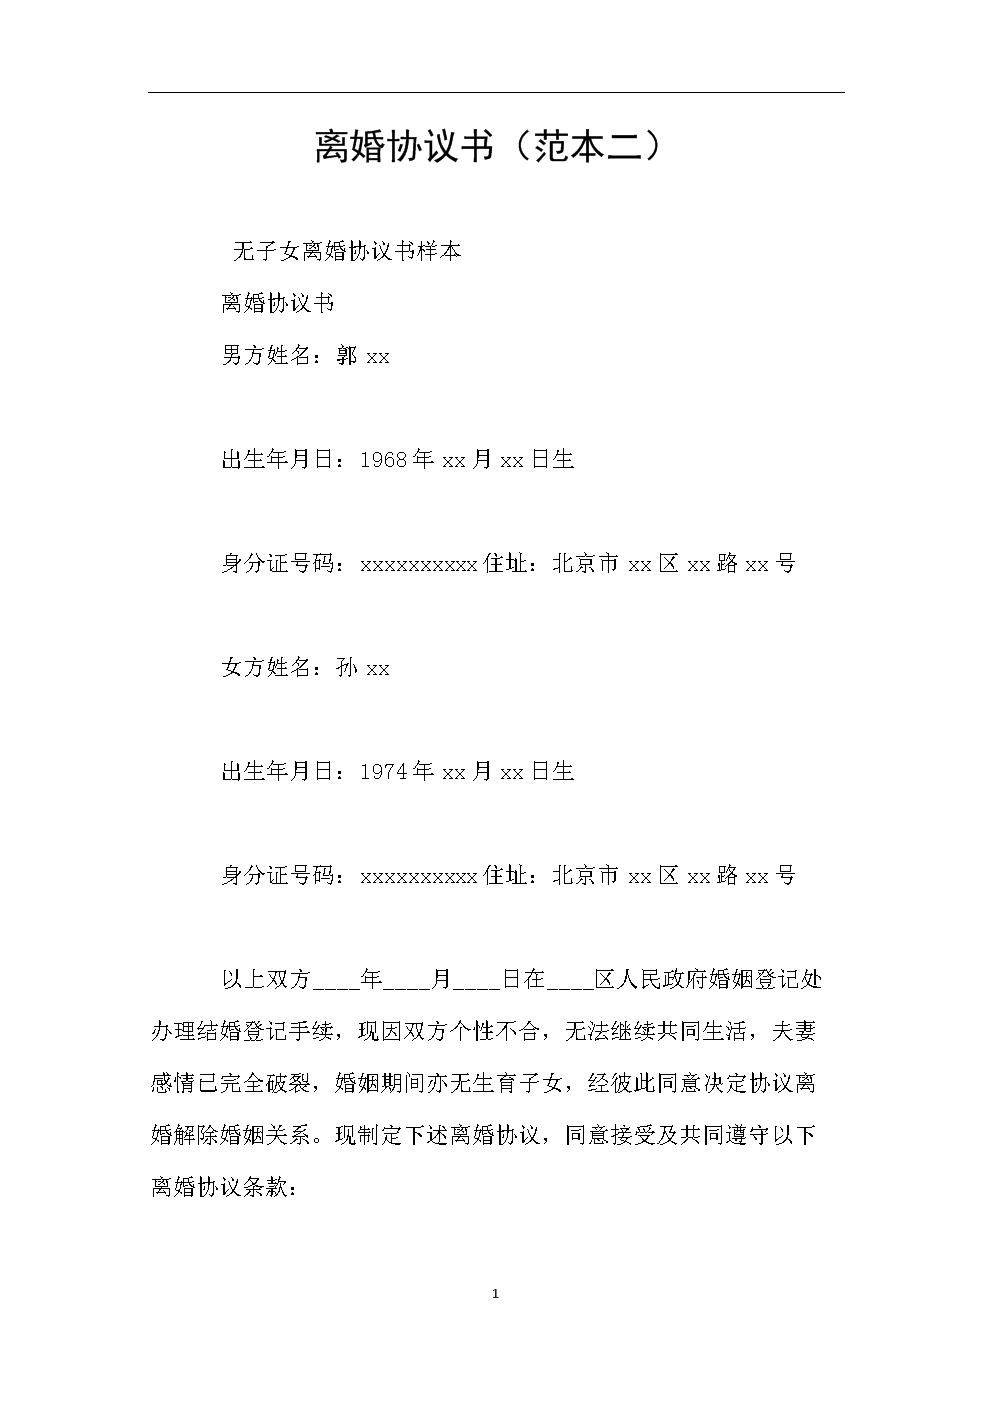 2019年离婚协议书(范本二).doc图片